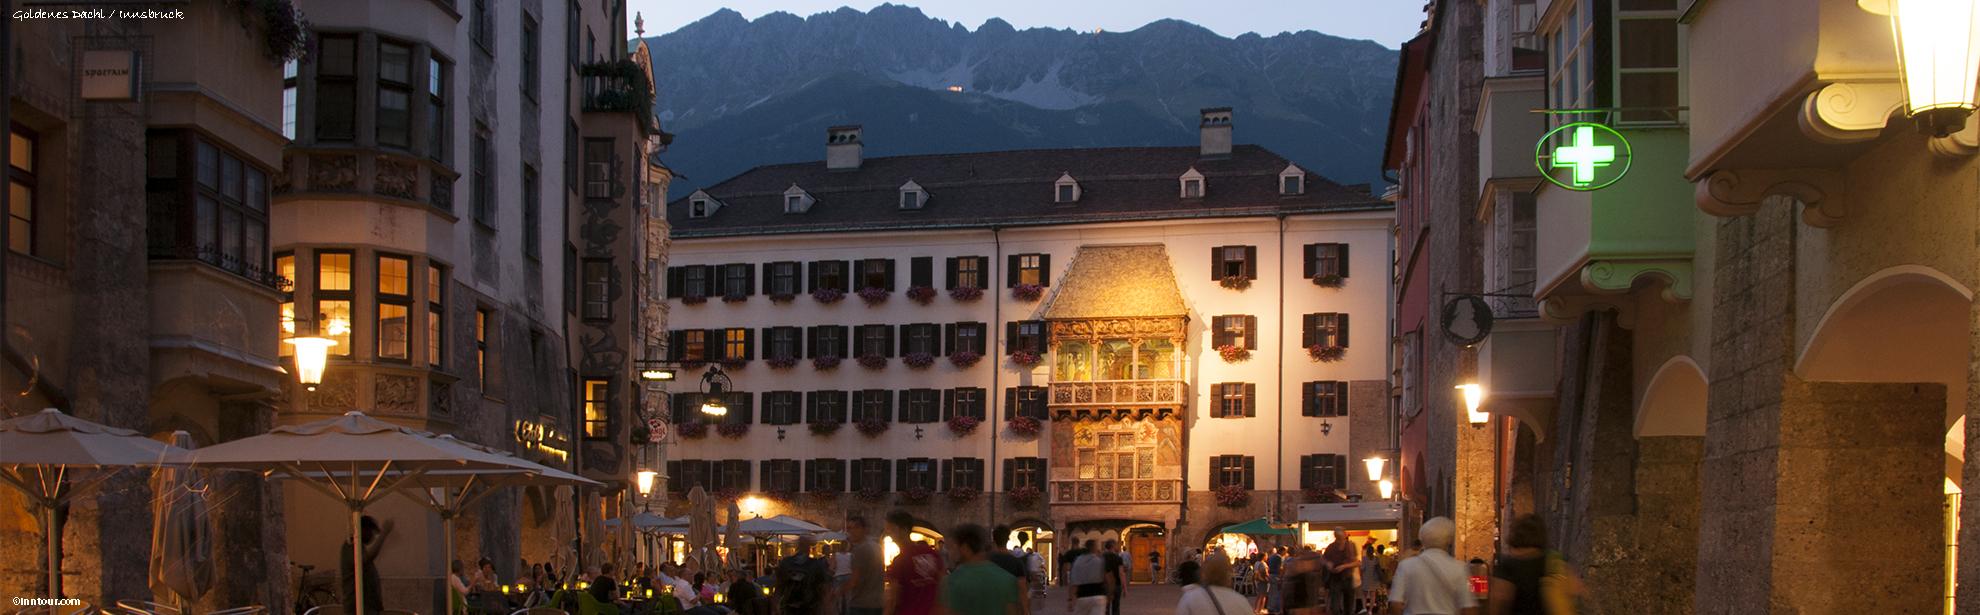 Oklass3inntour_Gold-Dachl_Innsbruck_DSC_2548